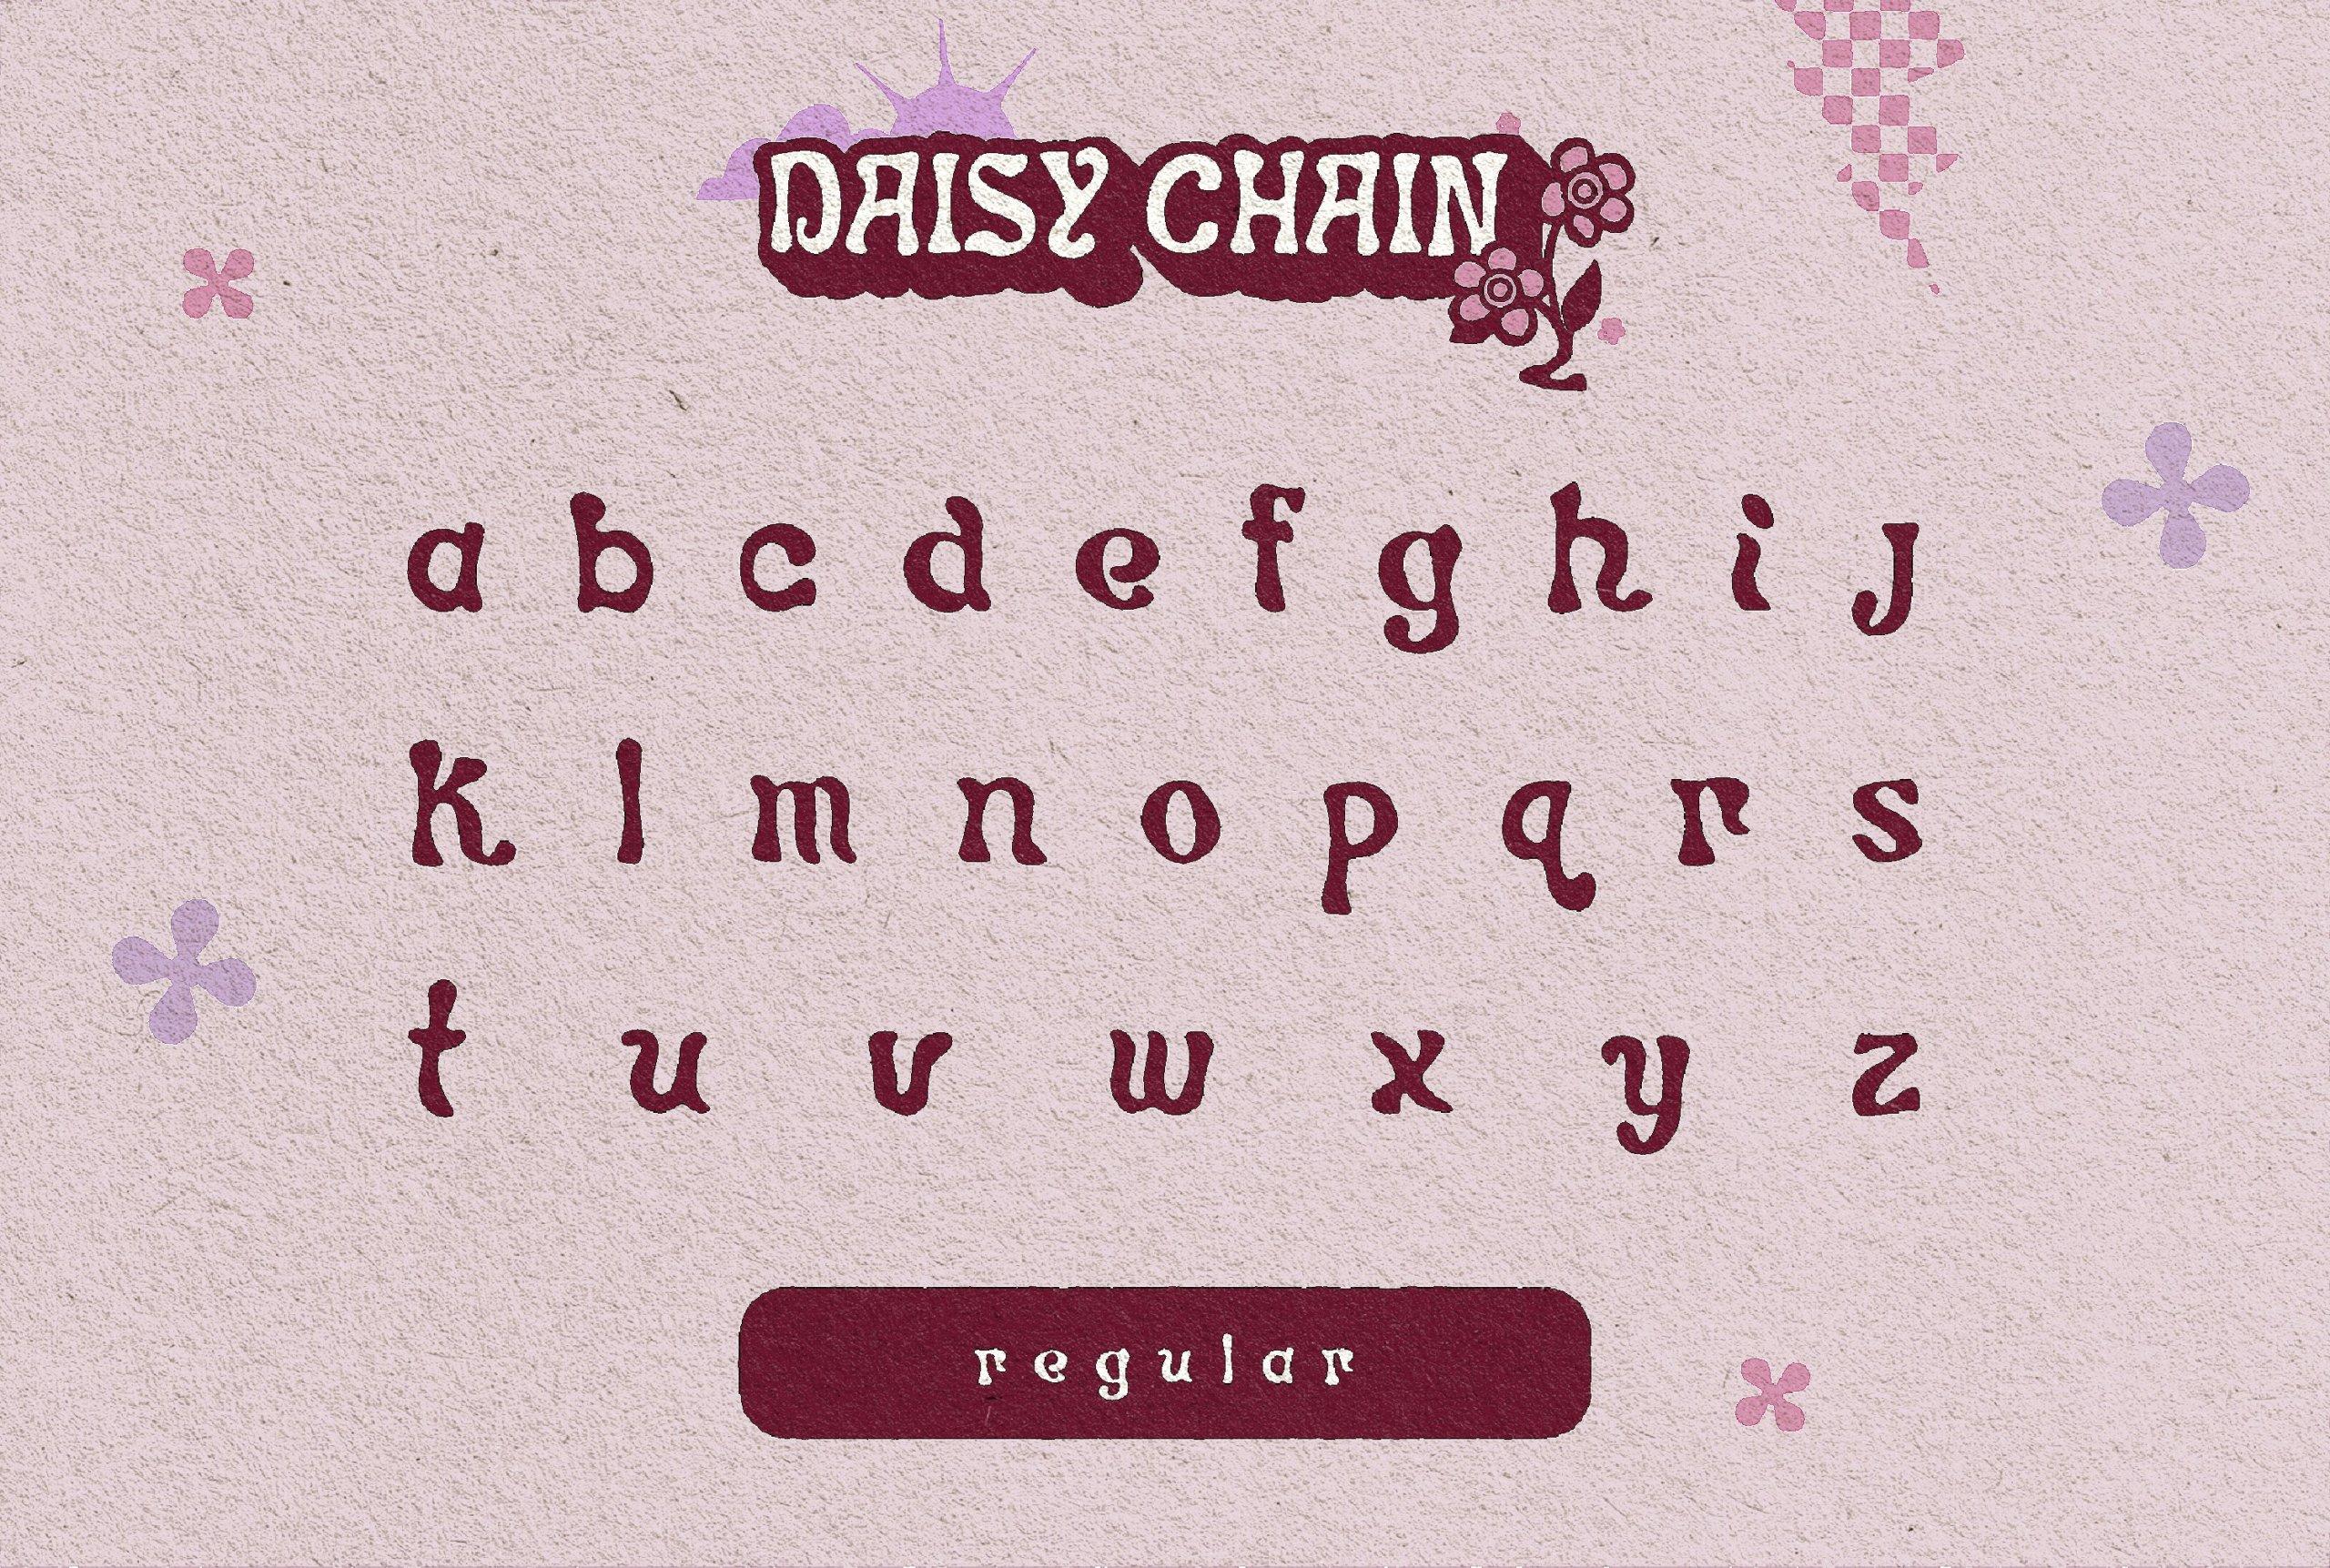 时尚复古卡通标题徽标Logo斜体装饰英文字体素材 DAISY CHAIN – A Funky Display Face插图3